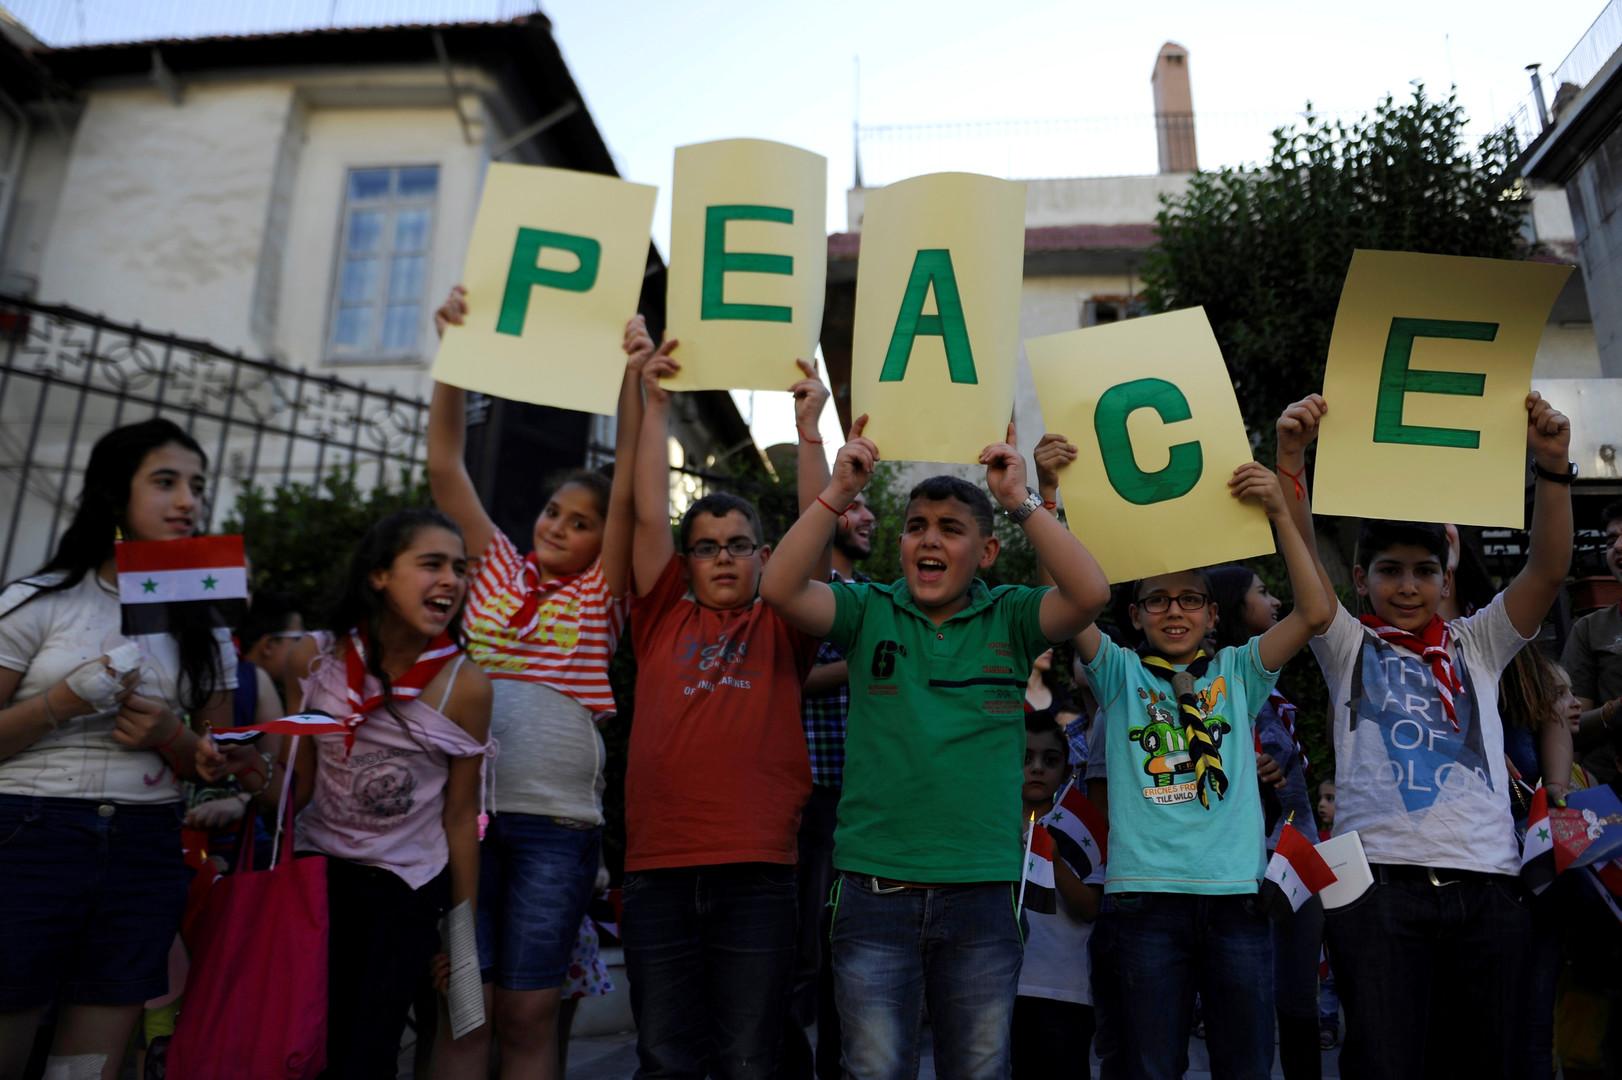 Советник Асада: С помощью РФ правительство Сирии освободило значительную часть страны